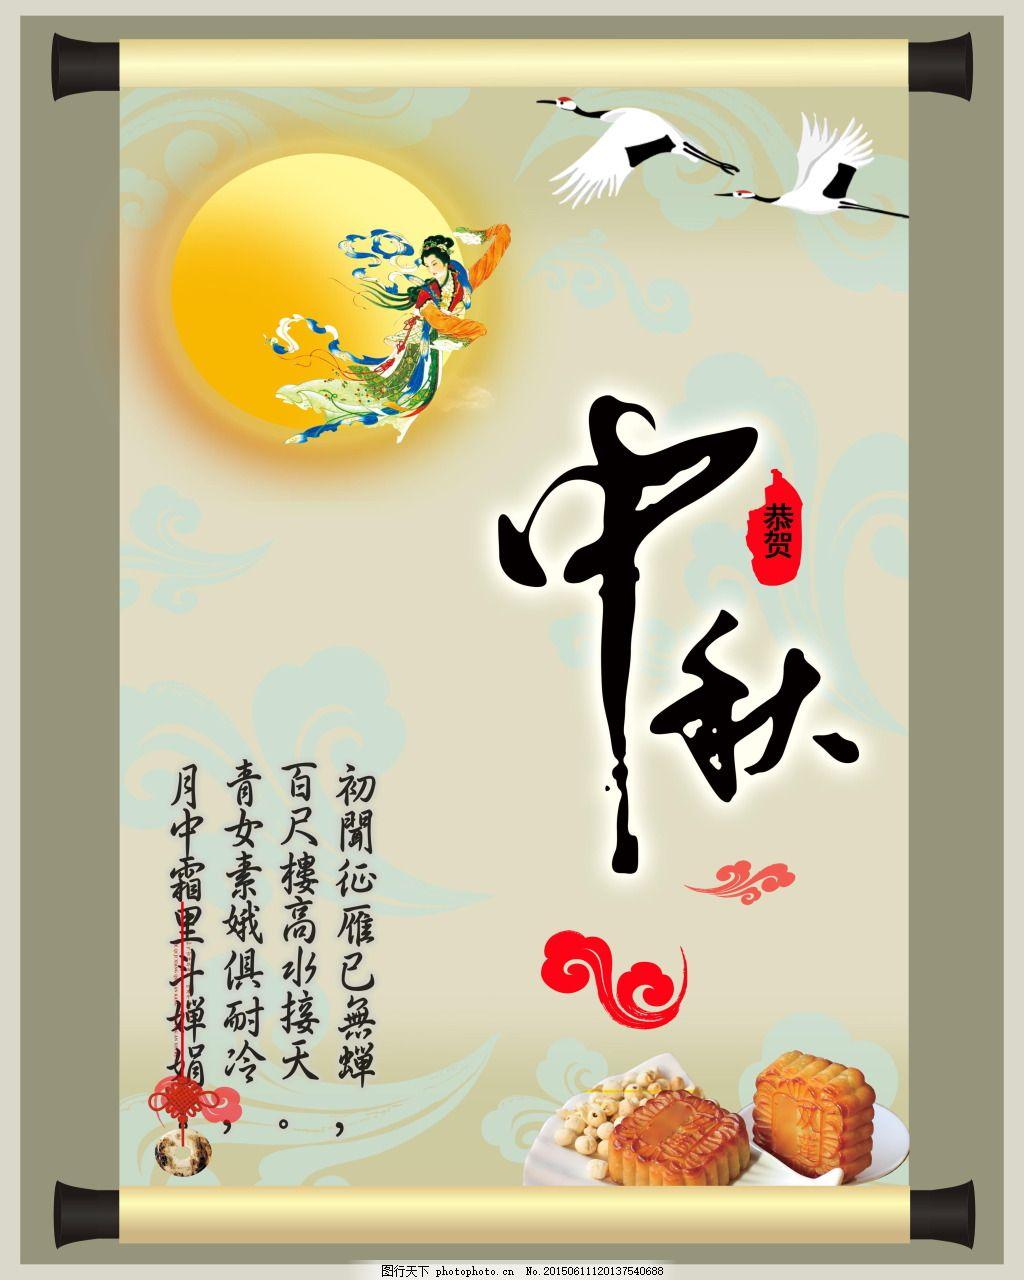 中秋节古诗词图片画轴 中秋节 古诗词      古典 月亮 仙鹤 月饼 水墨